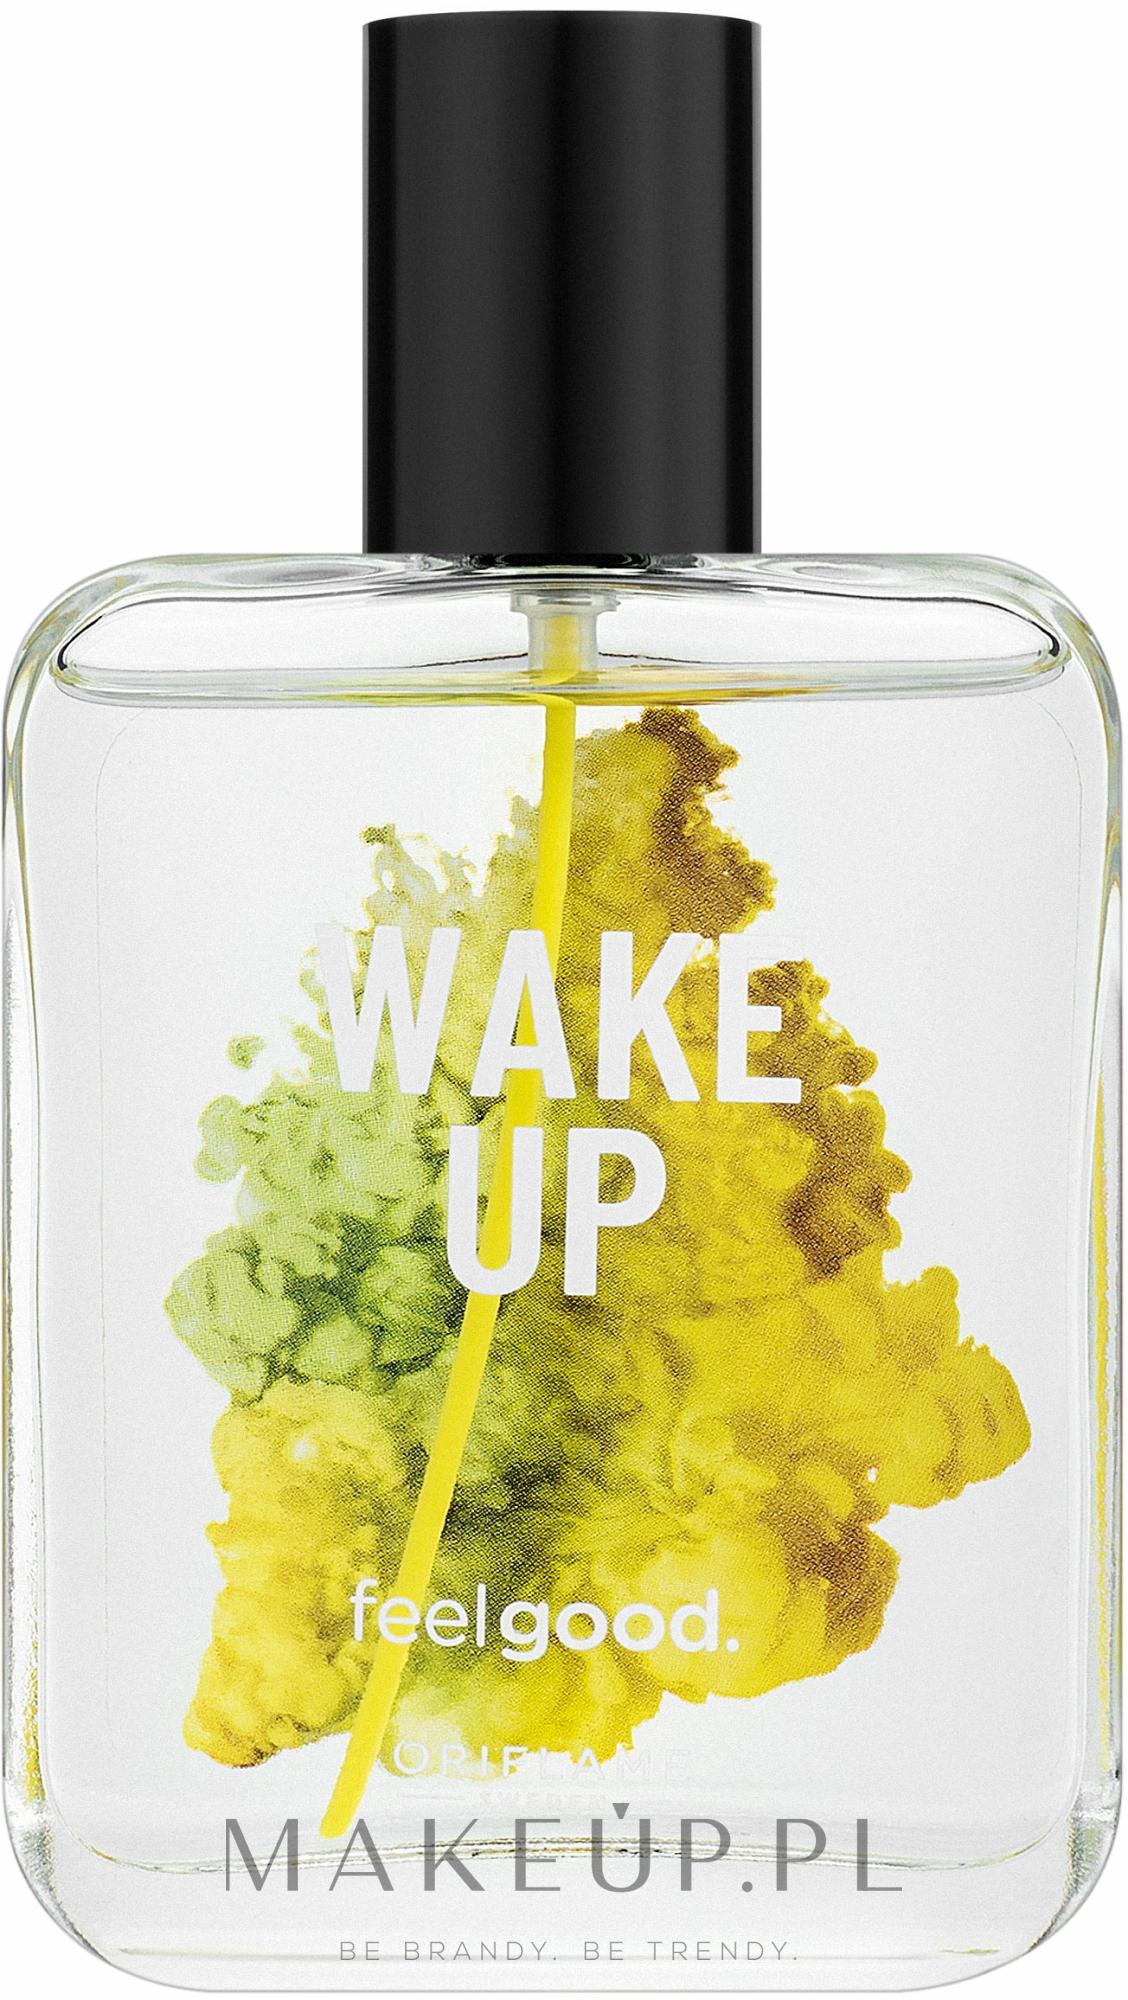 oriflame wake up - feel good.